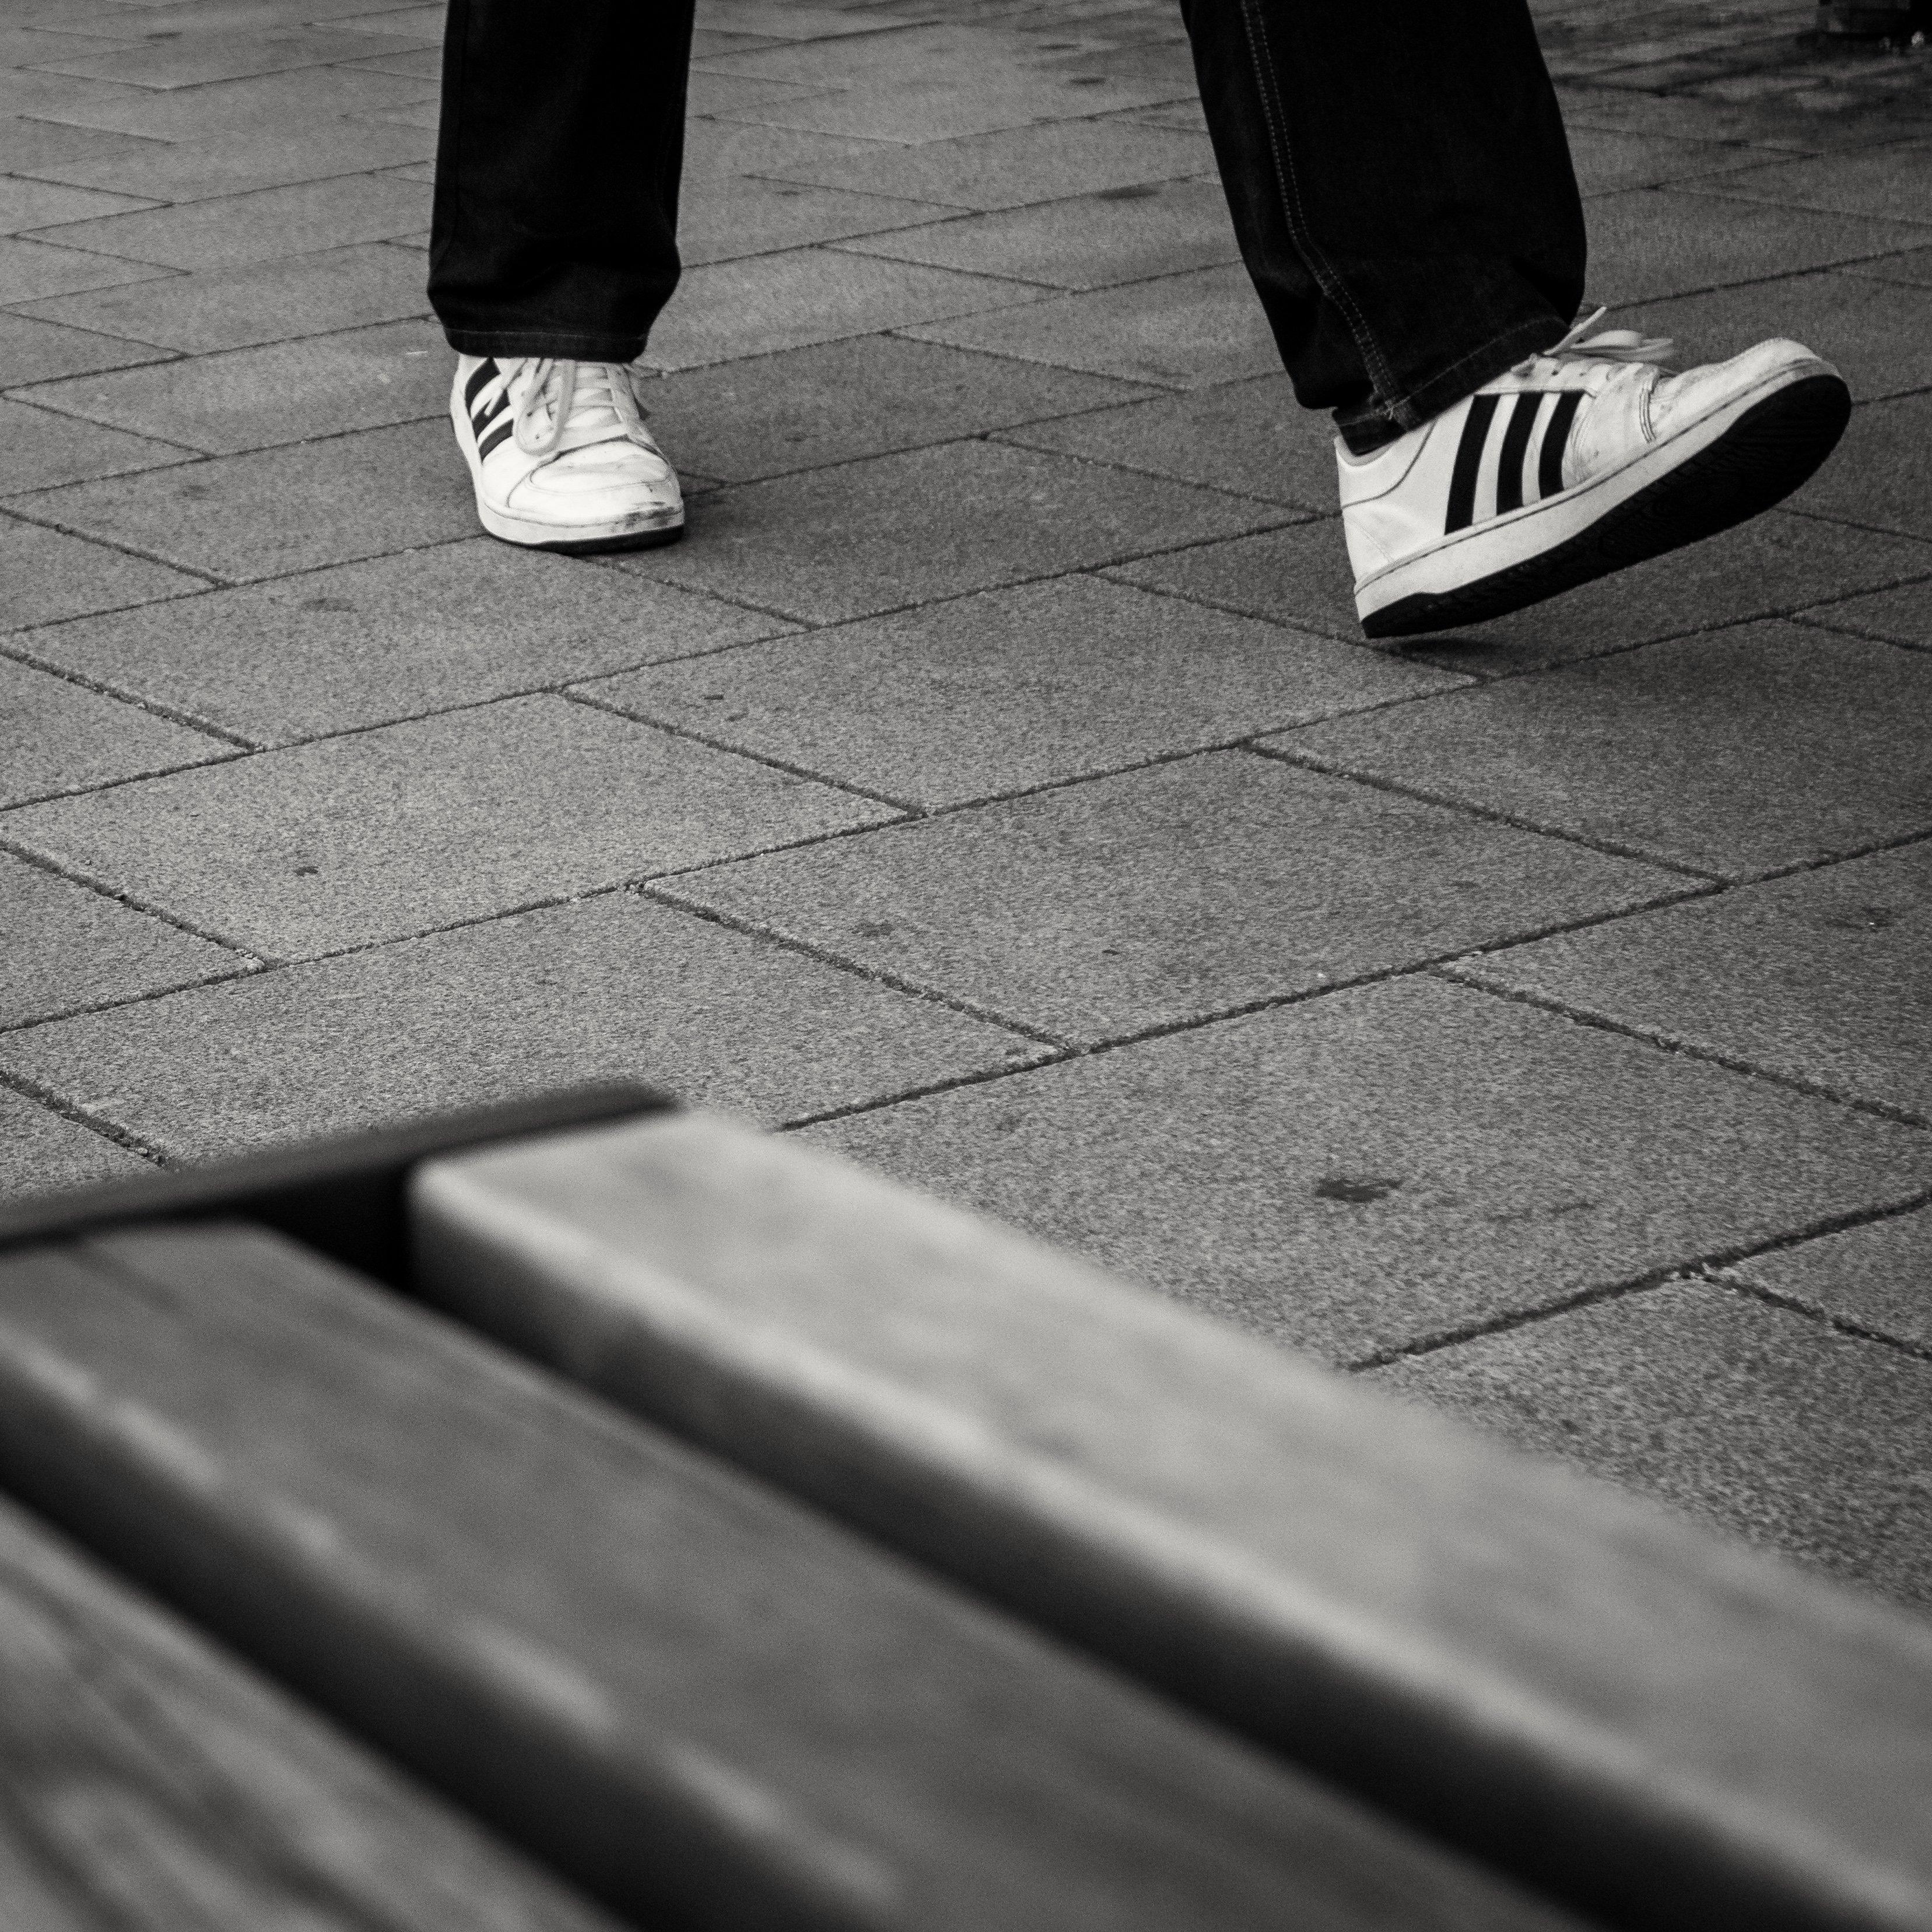 71 Koleksi Gambar Hitam Putih Orang Berjalan Gratis Terbaik